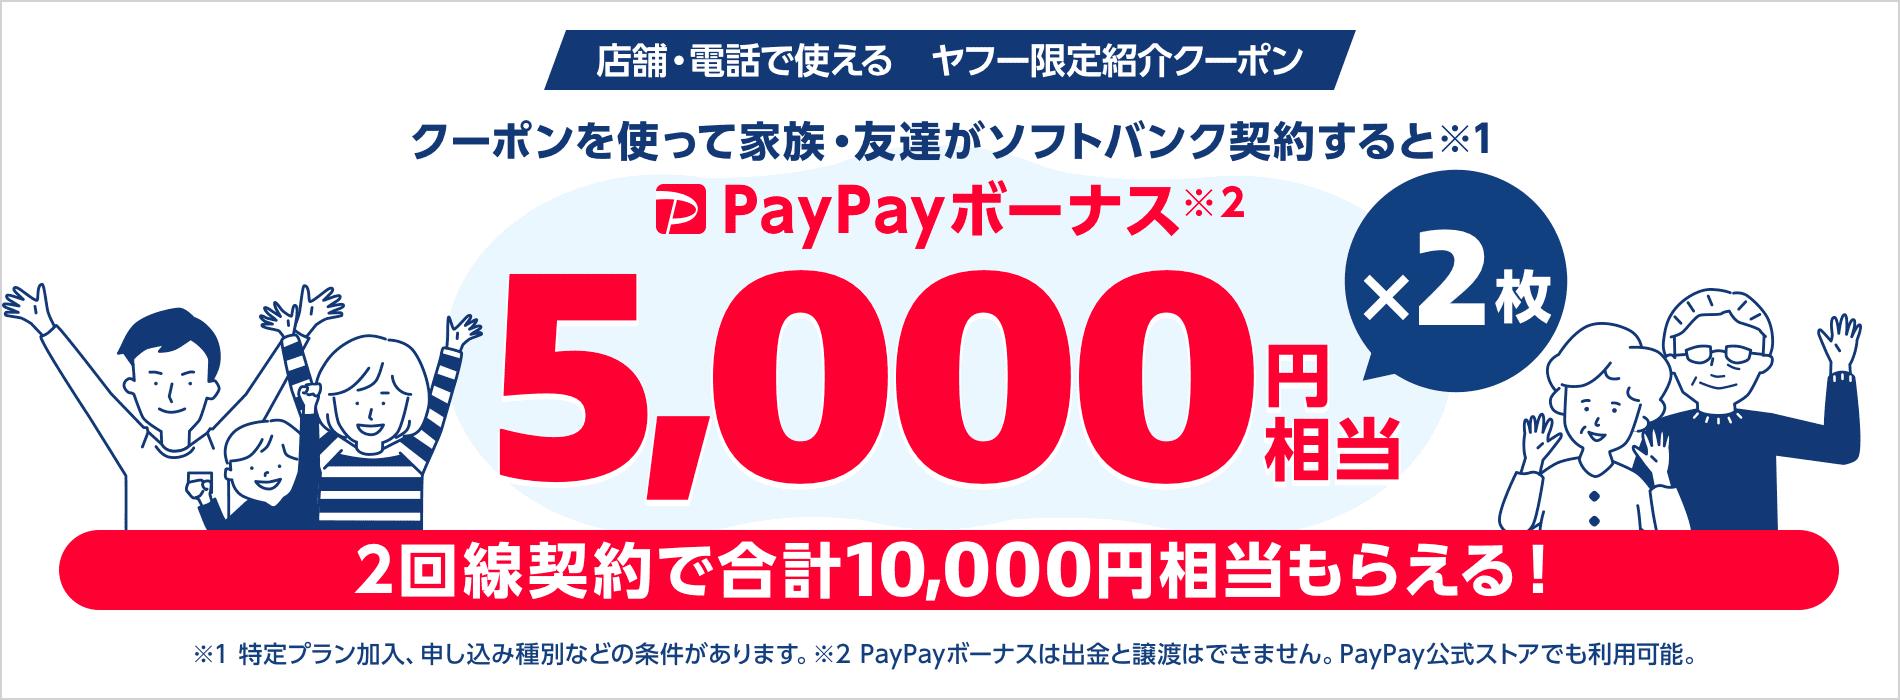 店舗・電話で使えるヤフー限定紹介クーポン クーポンを使って家族・友達がソフトバンク契約すると(※1)PayPayボーナス(※2)5,000円相当×2枚 2回線契約で合計10,000円相当もらえる! ※1特定プラン加入、申し込み種別などの条件があります。※2PayPayボーナスは出金と譲渡はできません。PayPay公式ストアでも利用可能。